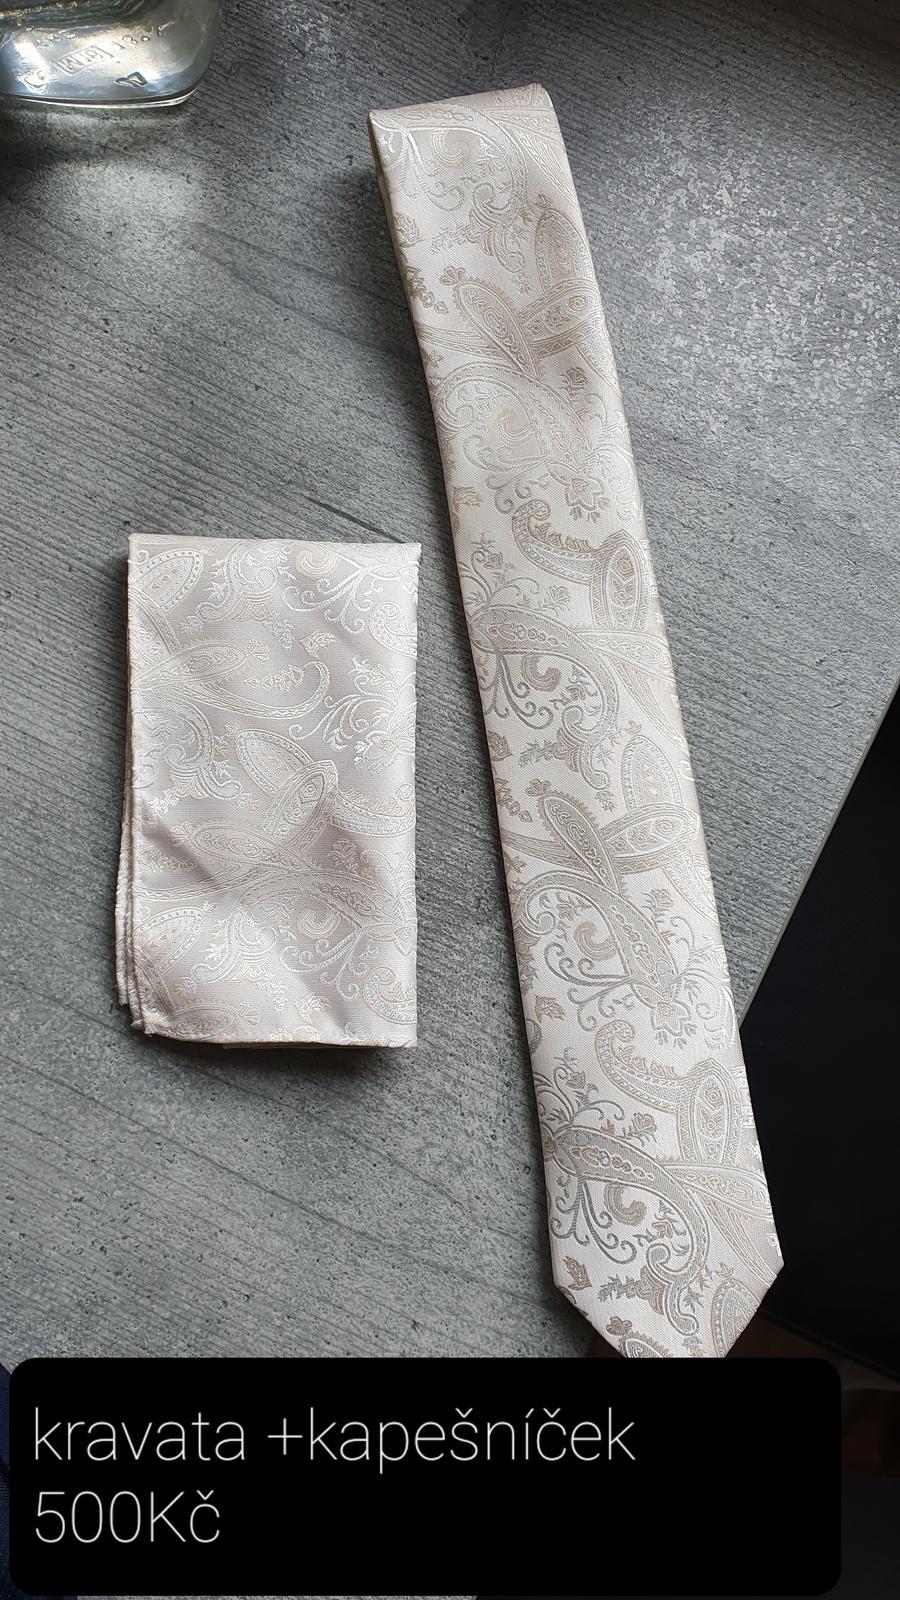 kravata - Obrázek č. 1